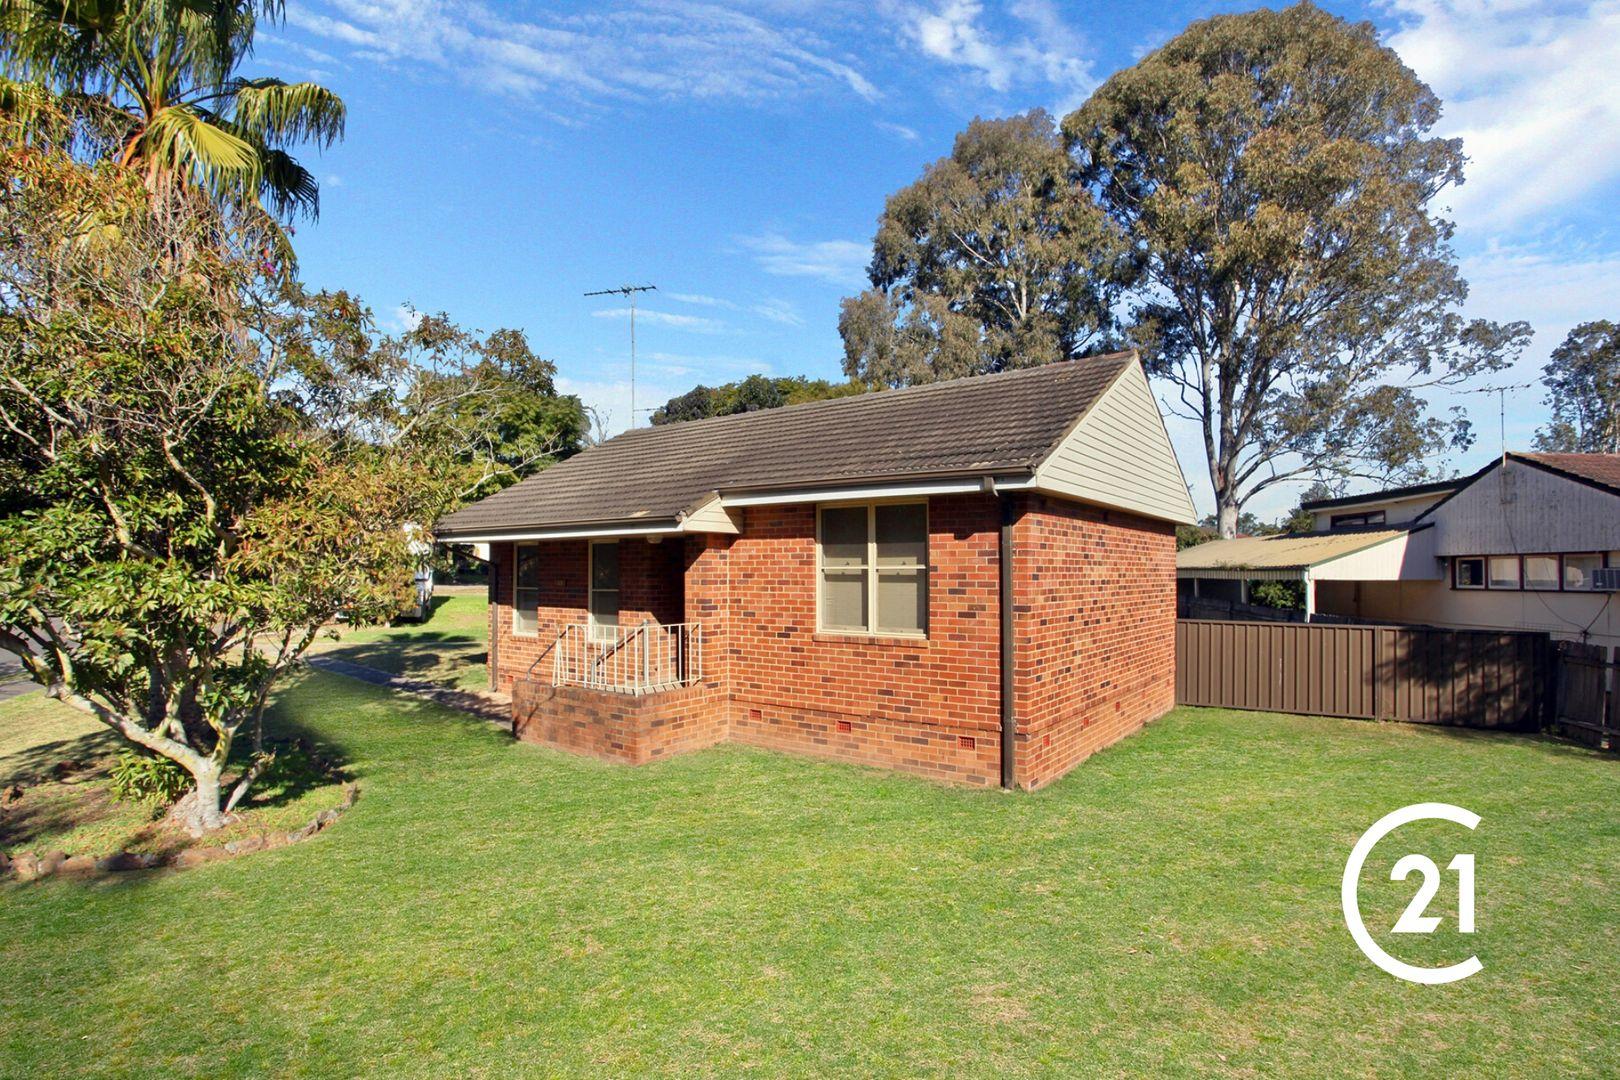 49 Danny Road, Lalor Park NSW 2147, Image 0